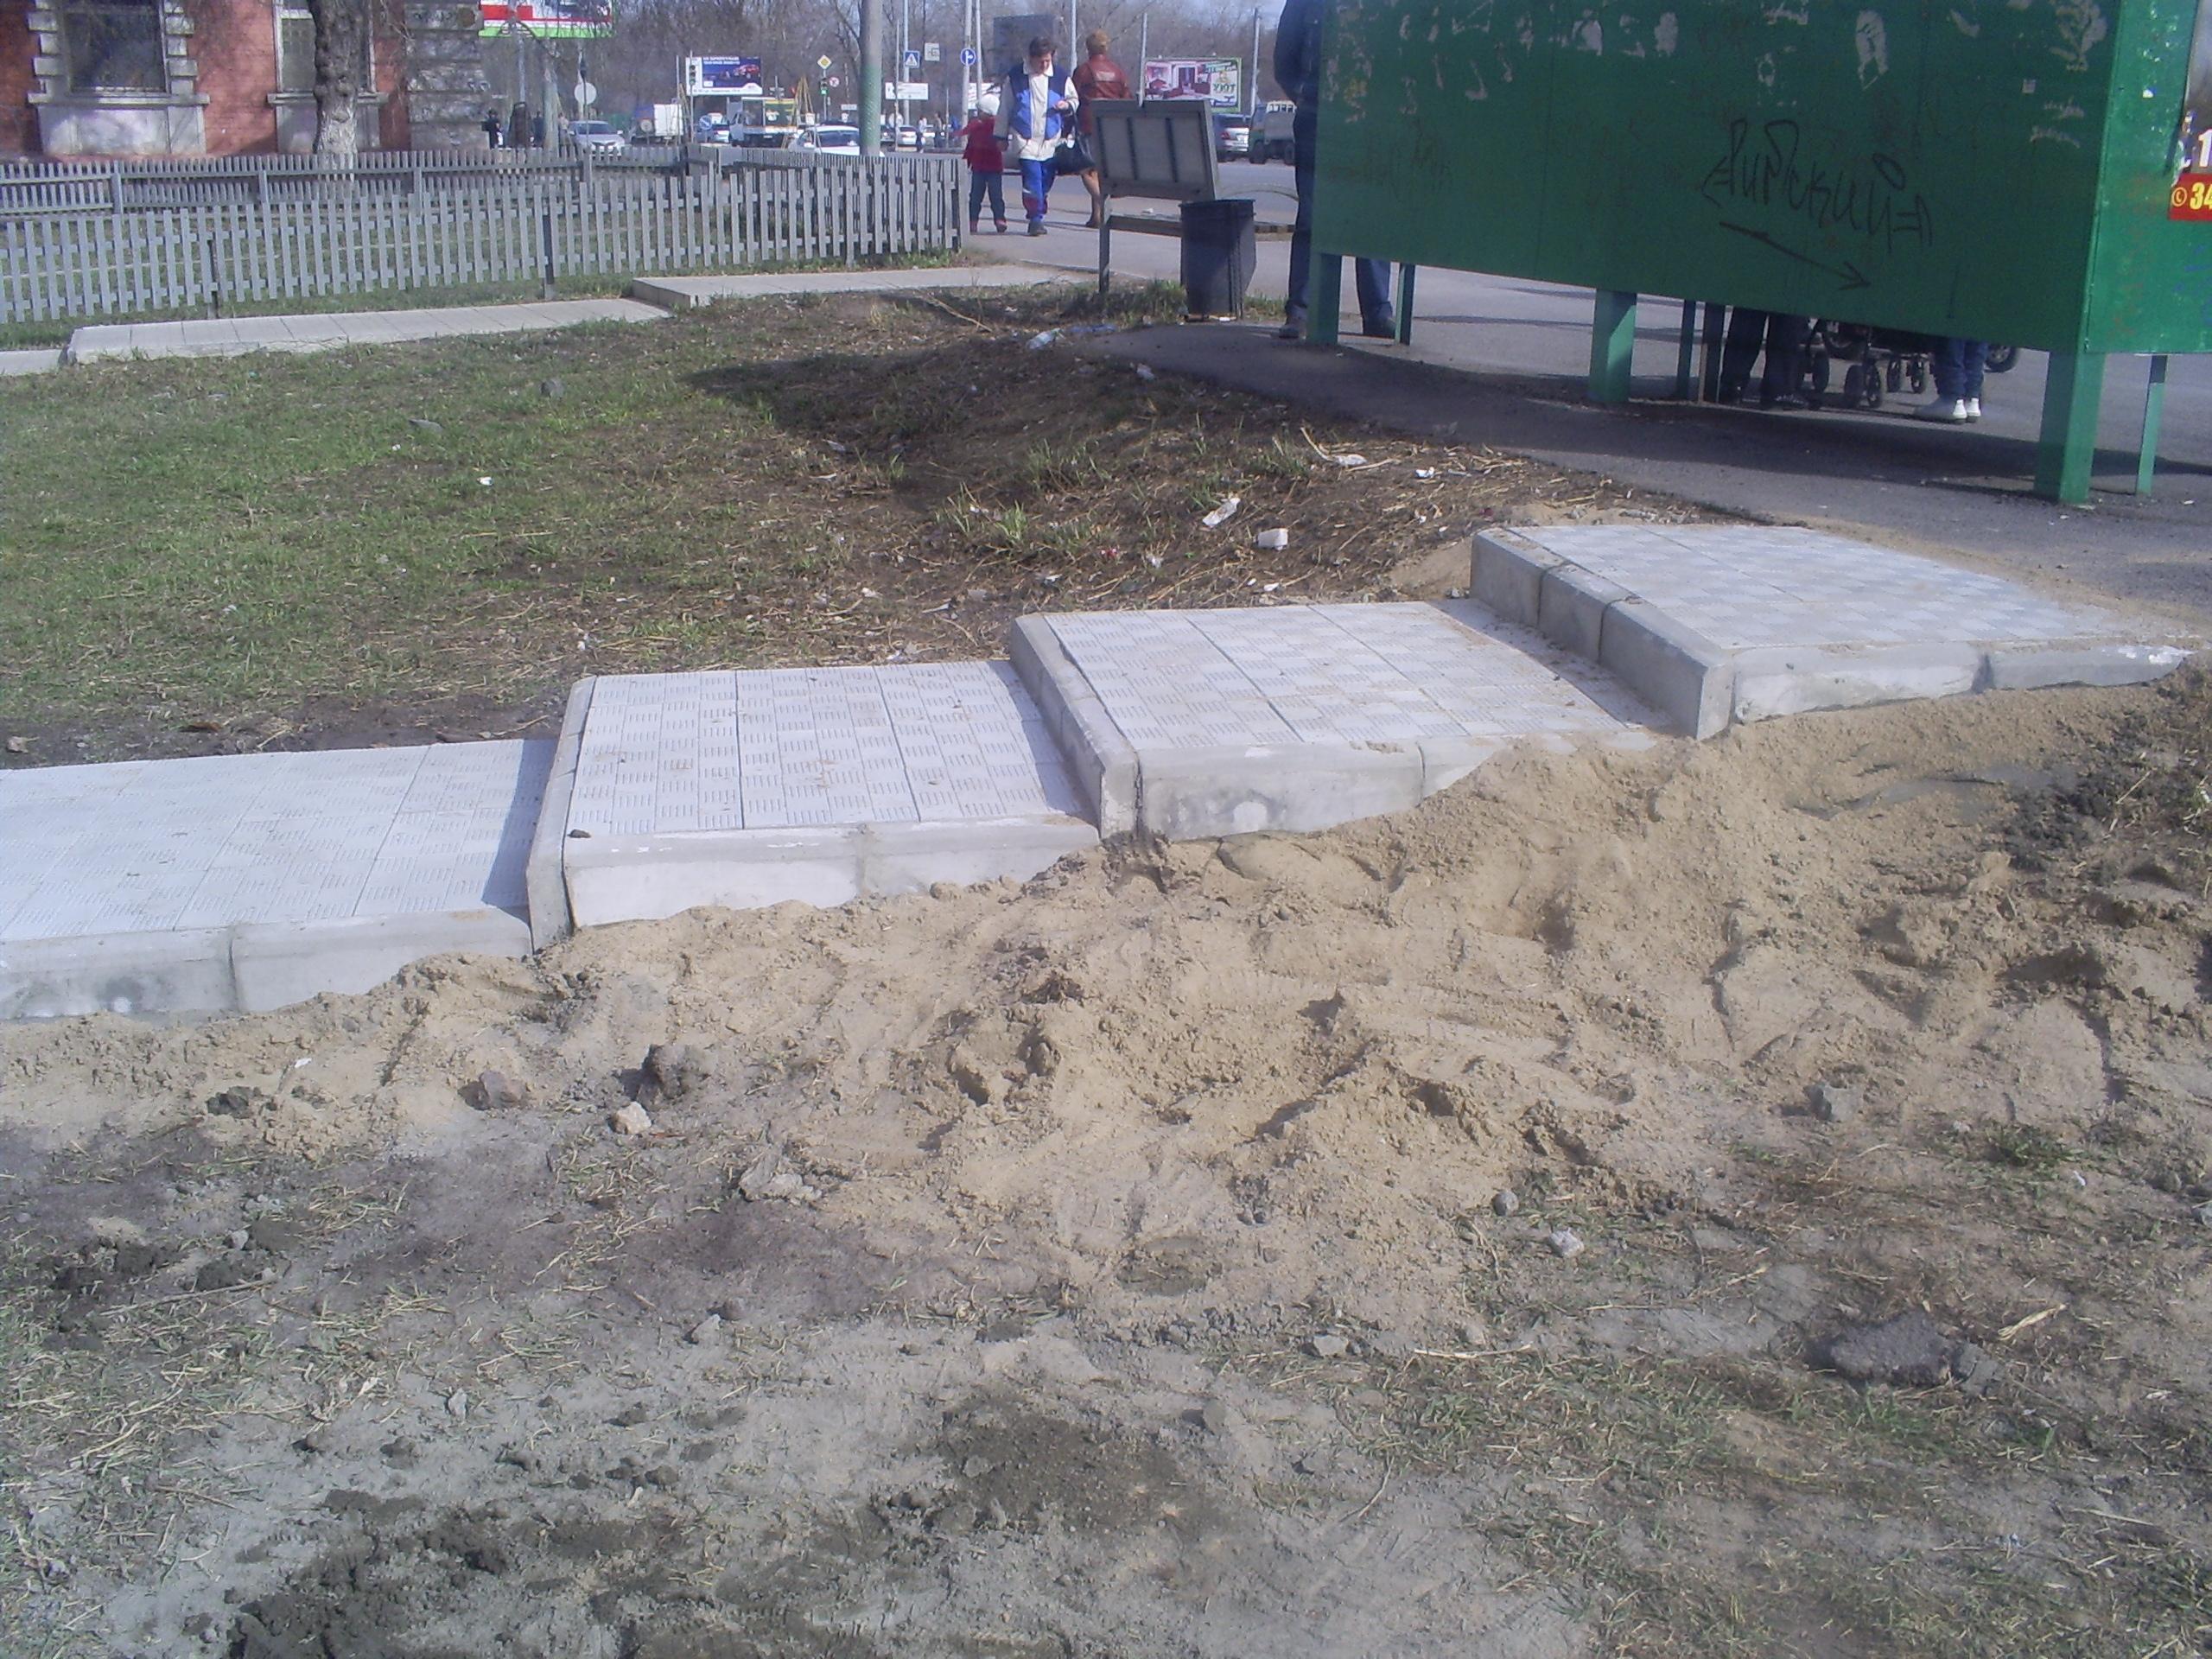 http://plitka-omsk55.ru/images/upload/S5031159.JPG